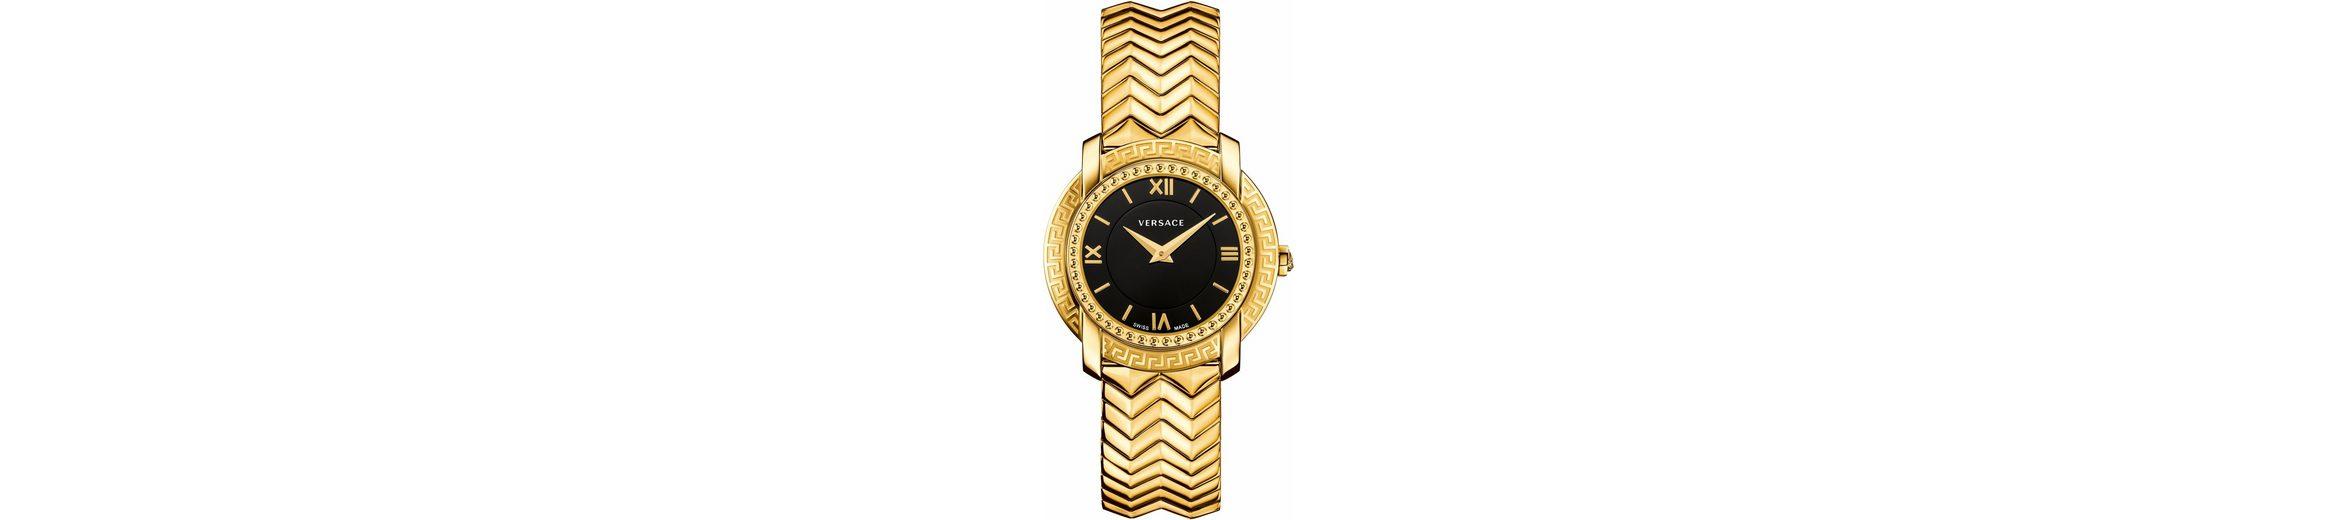 Versace Schweizer Uhr »DV25, VAM050016«